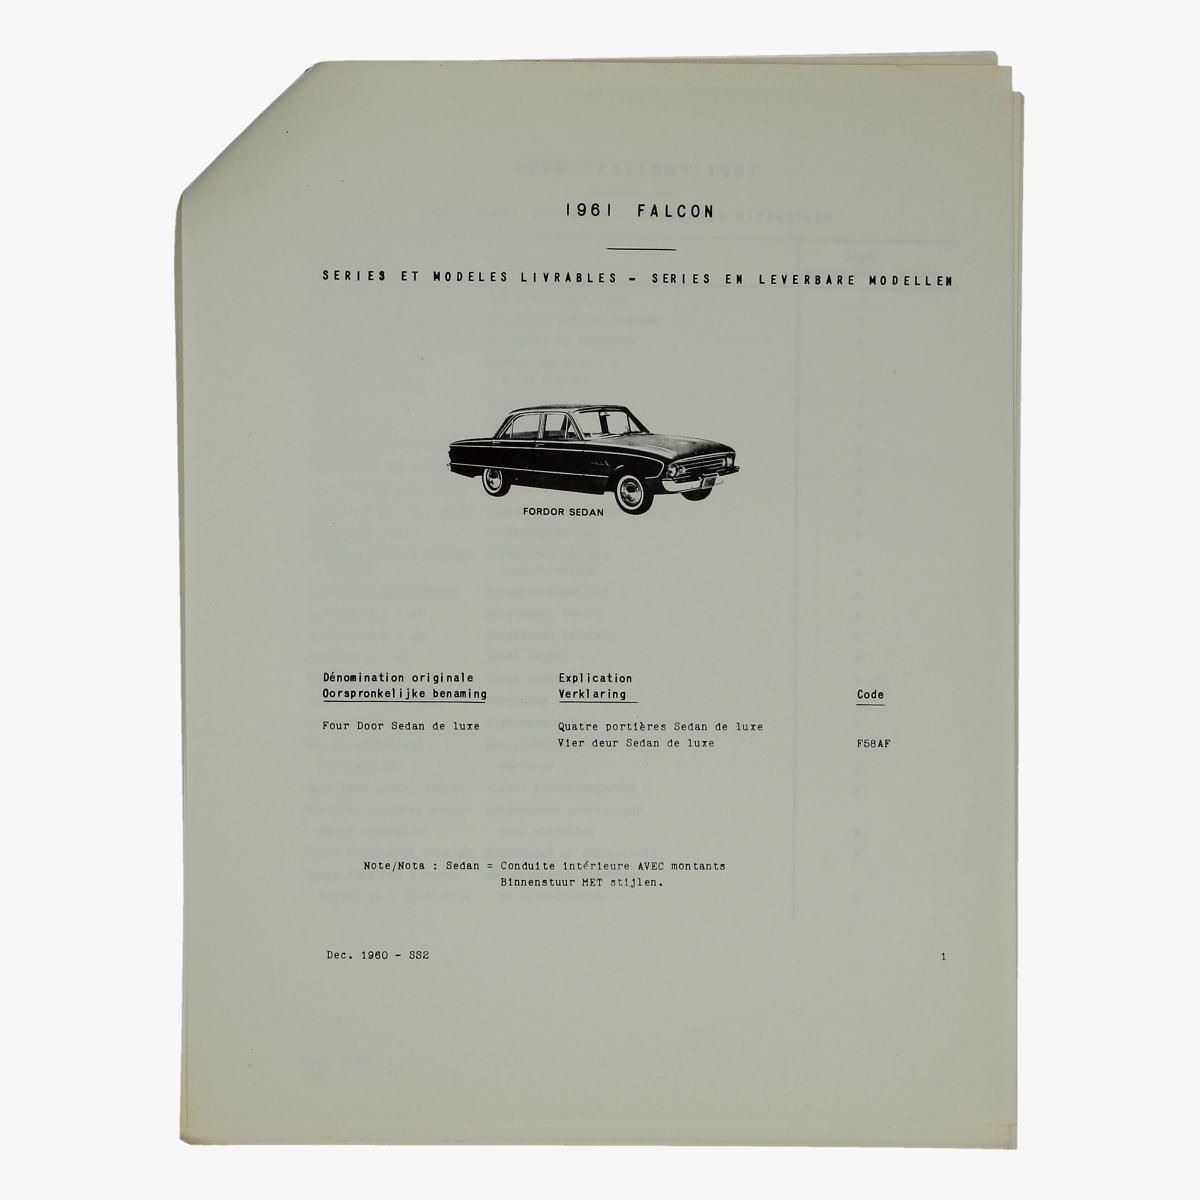 Afbeeldingen van oude folder falcon 1961 ford motor company